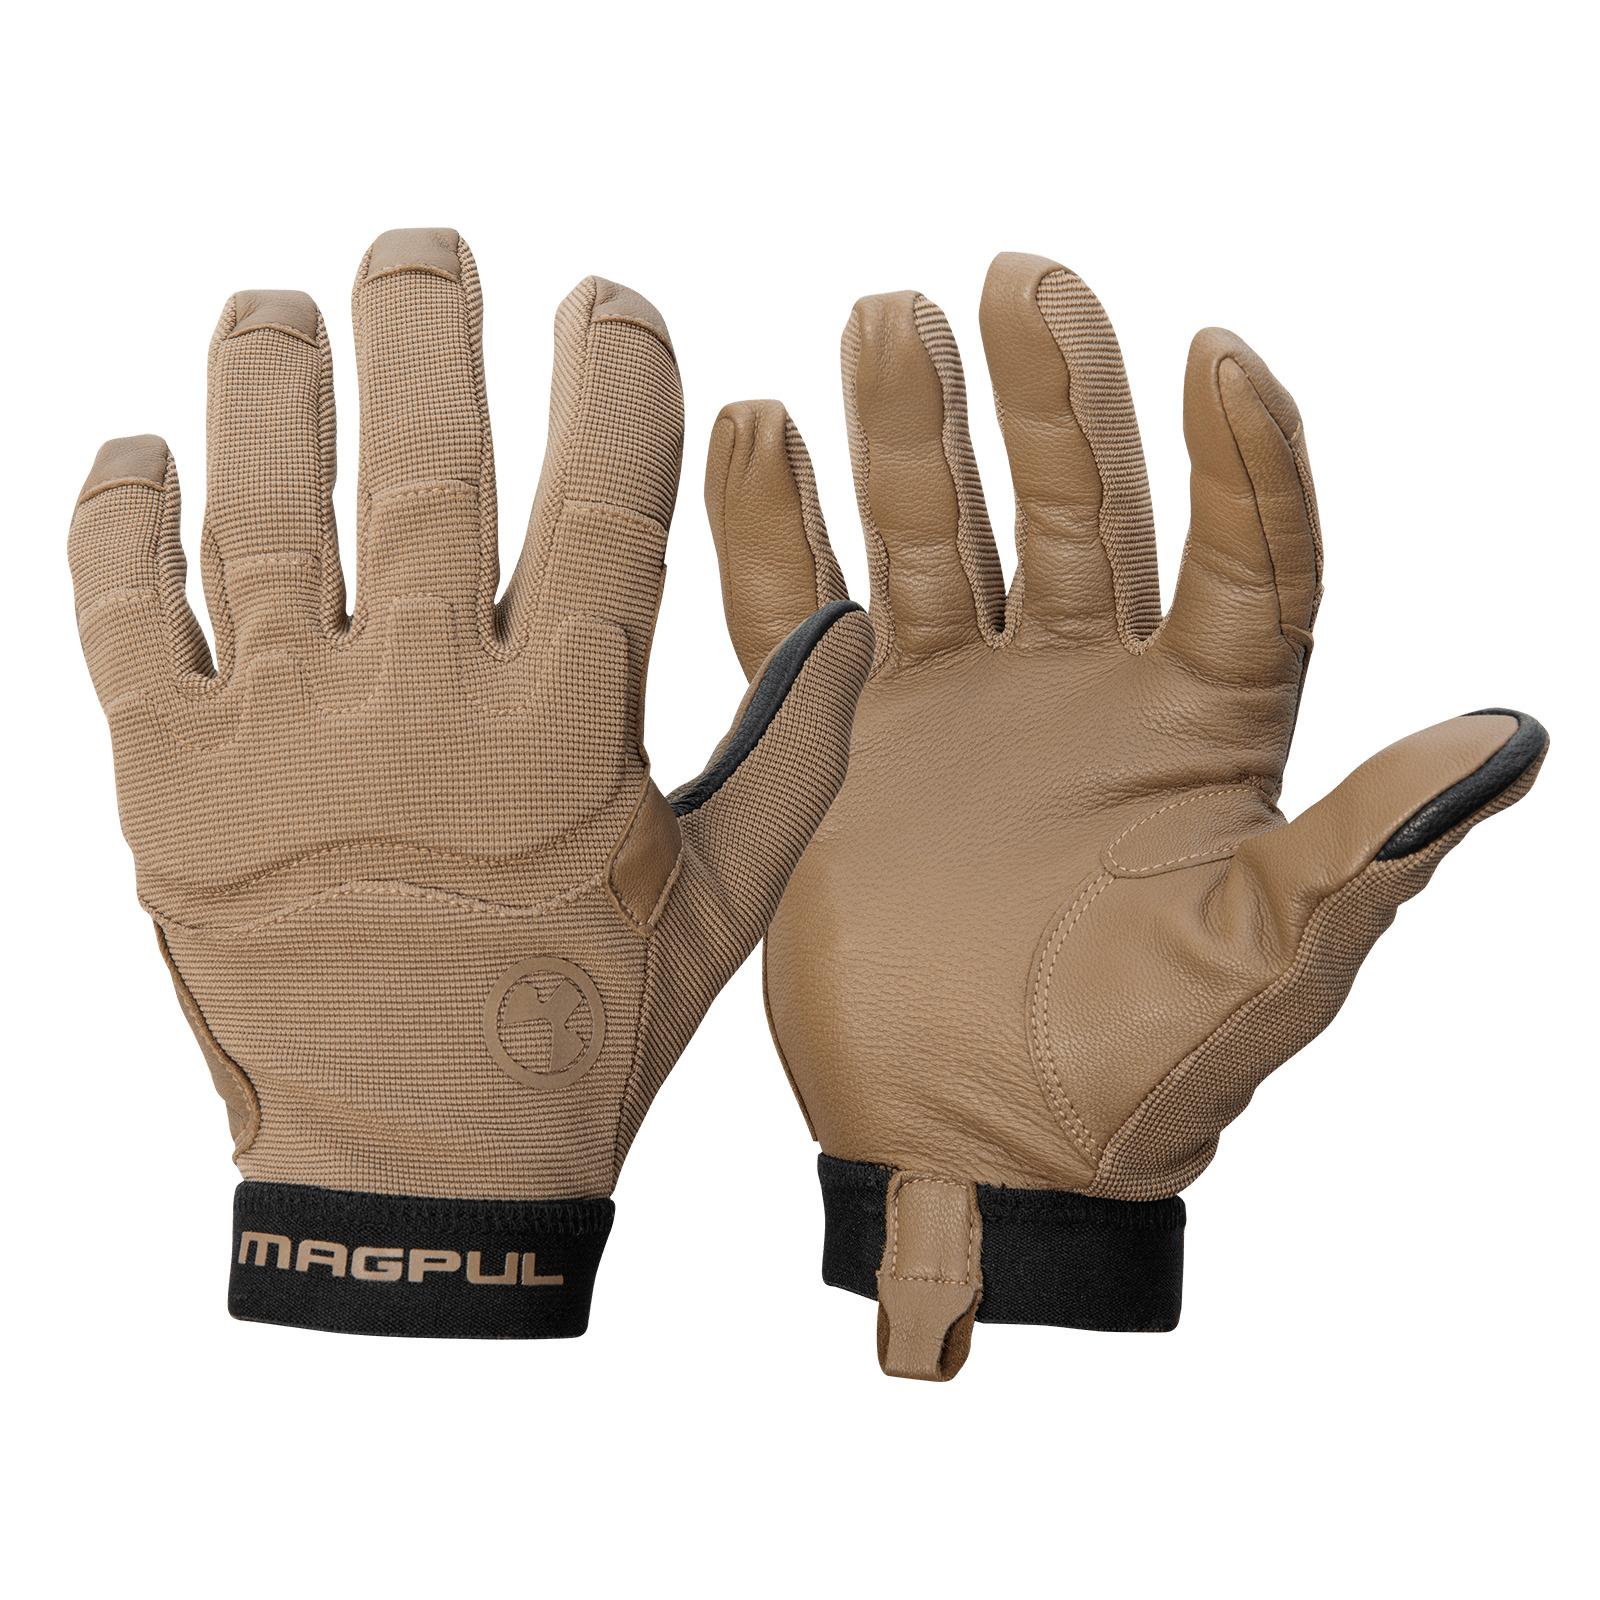 Magpul MAG1015-251 Patrol Glove 2.0 Large Coyote